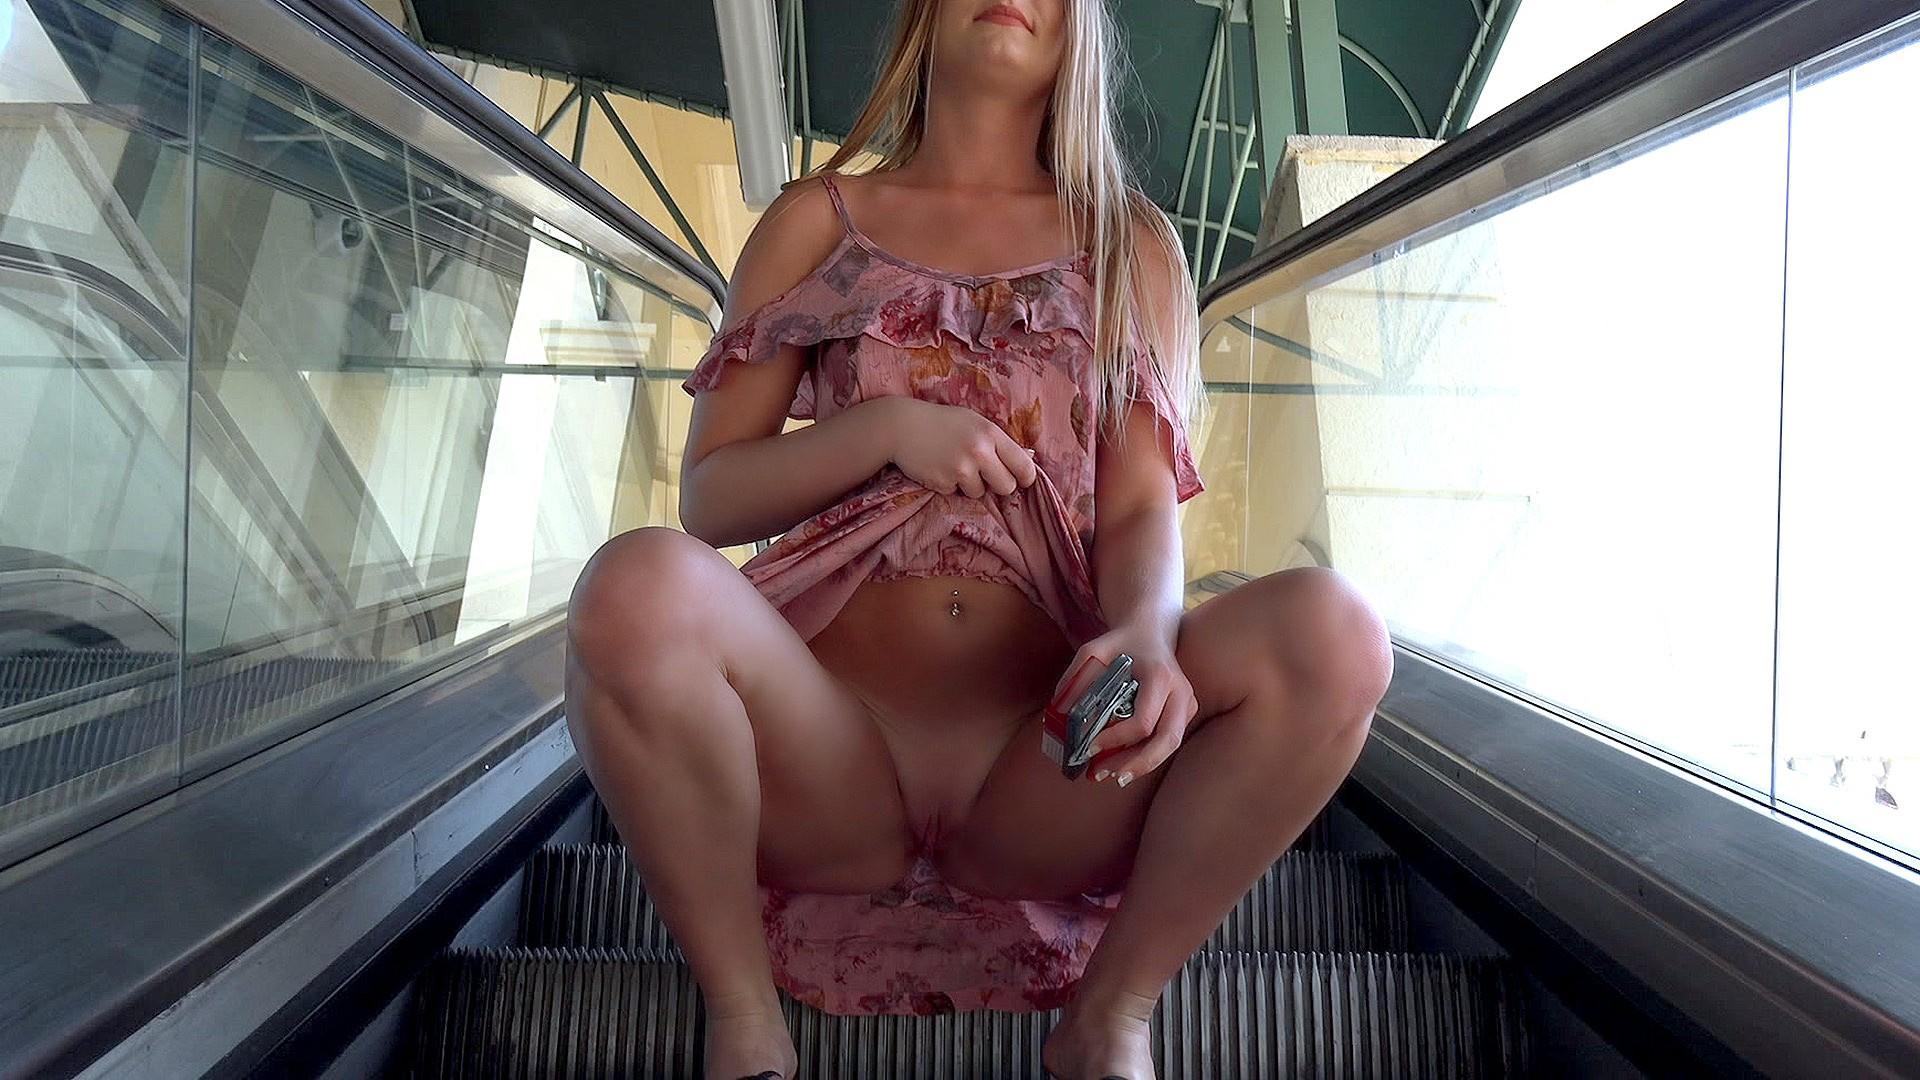 Smoking Blonde Flashes for Fun - Public Pickups